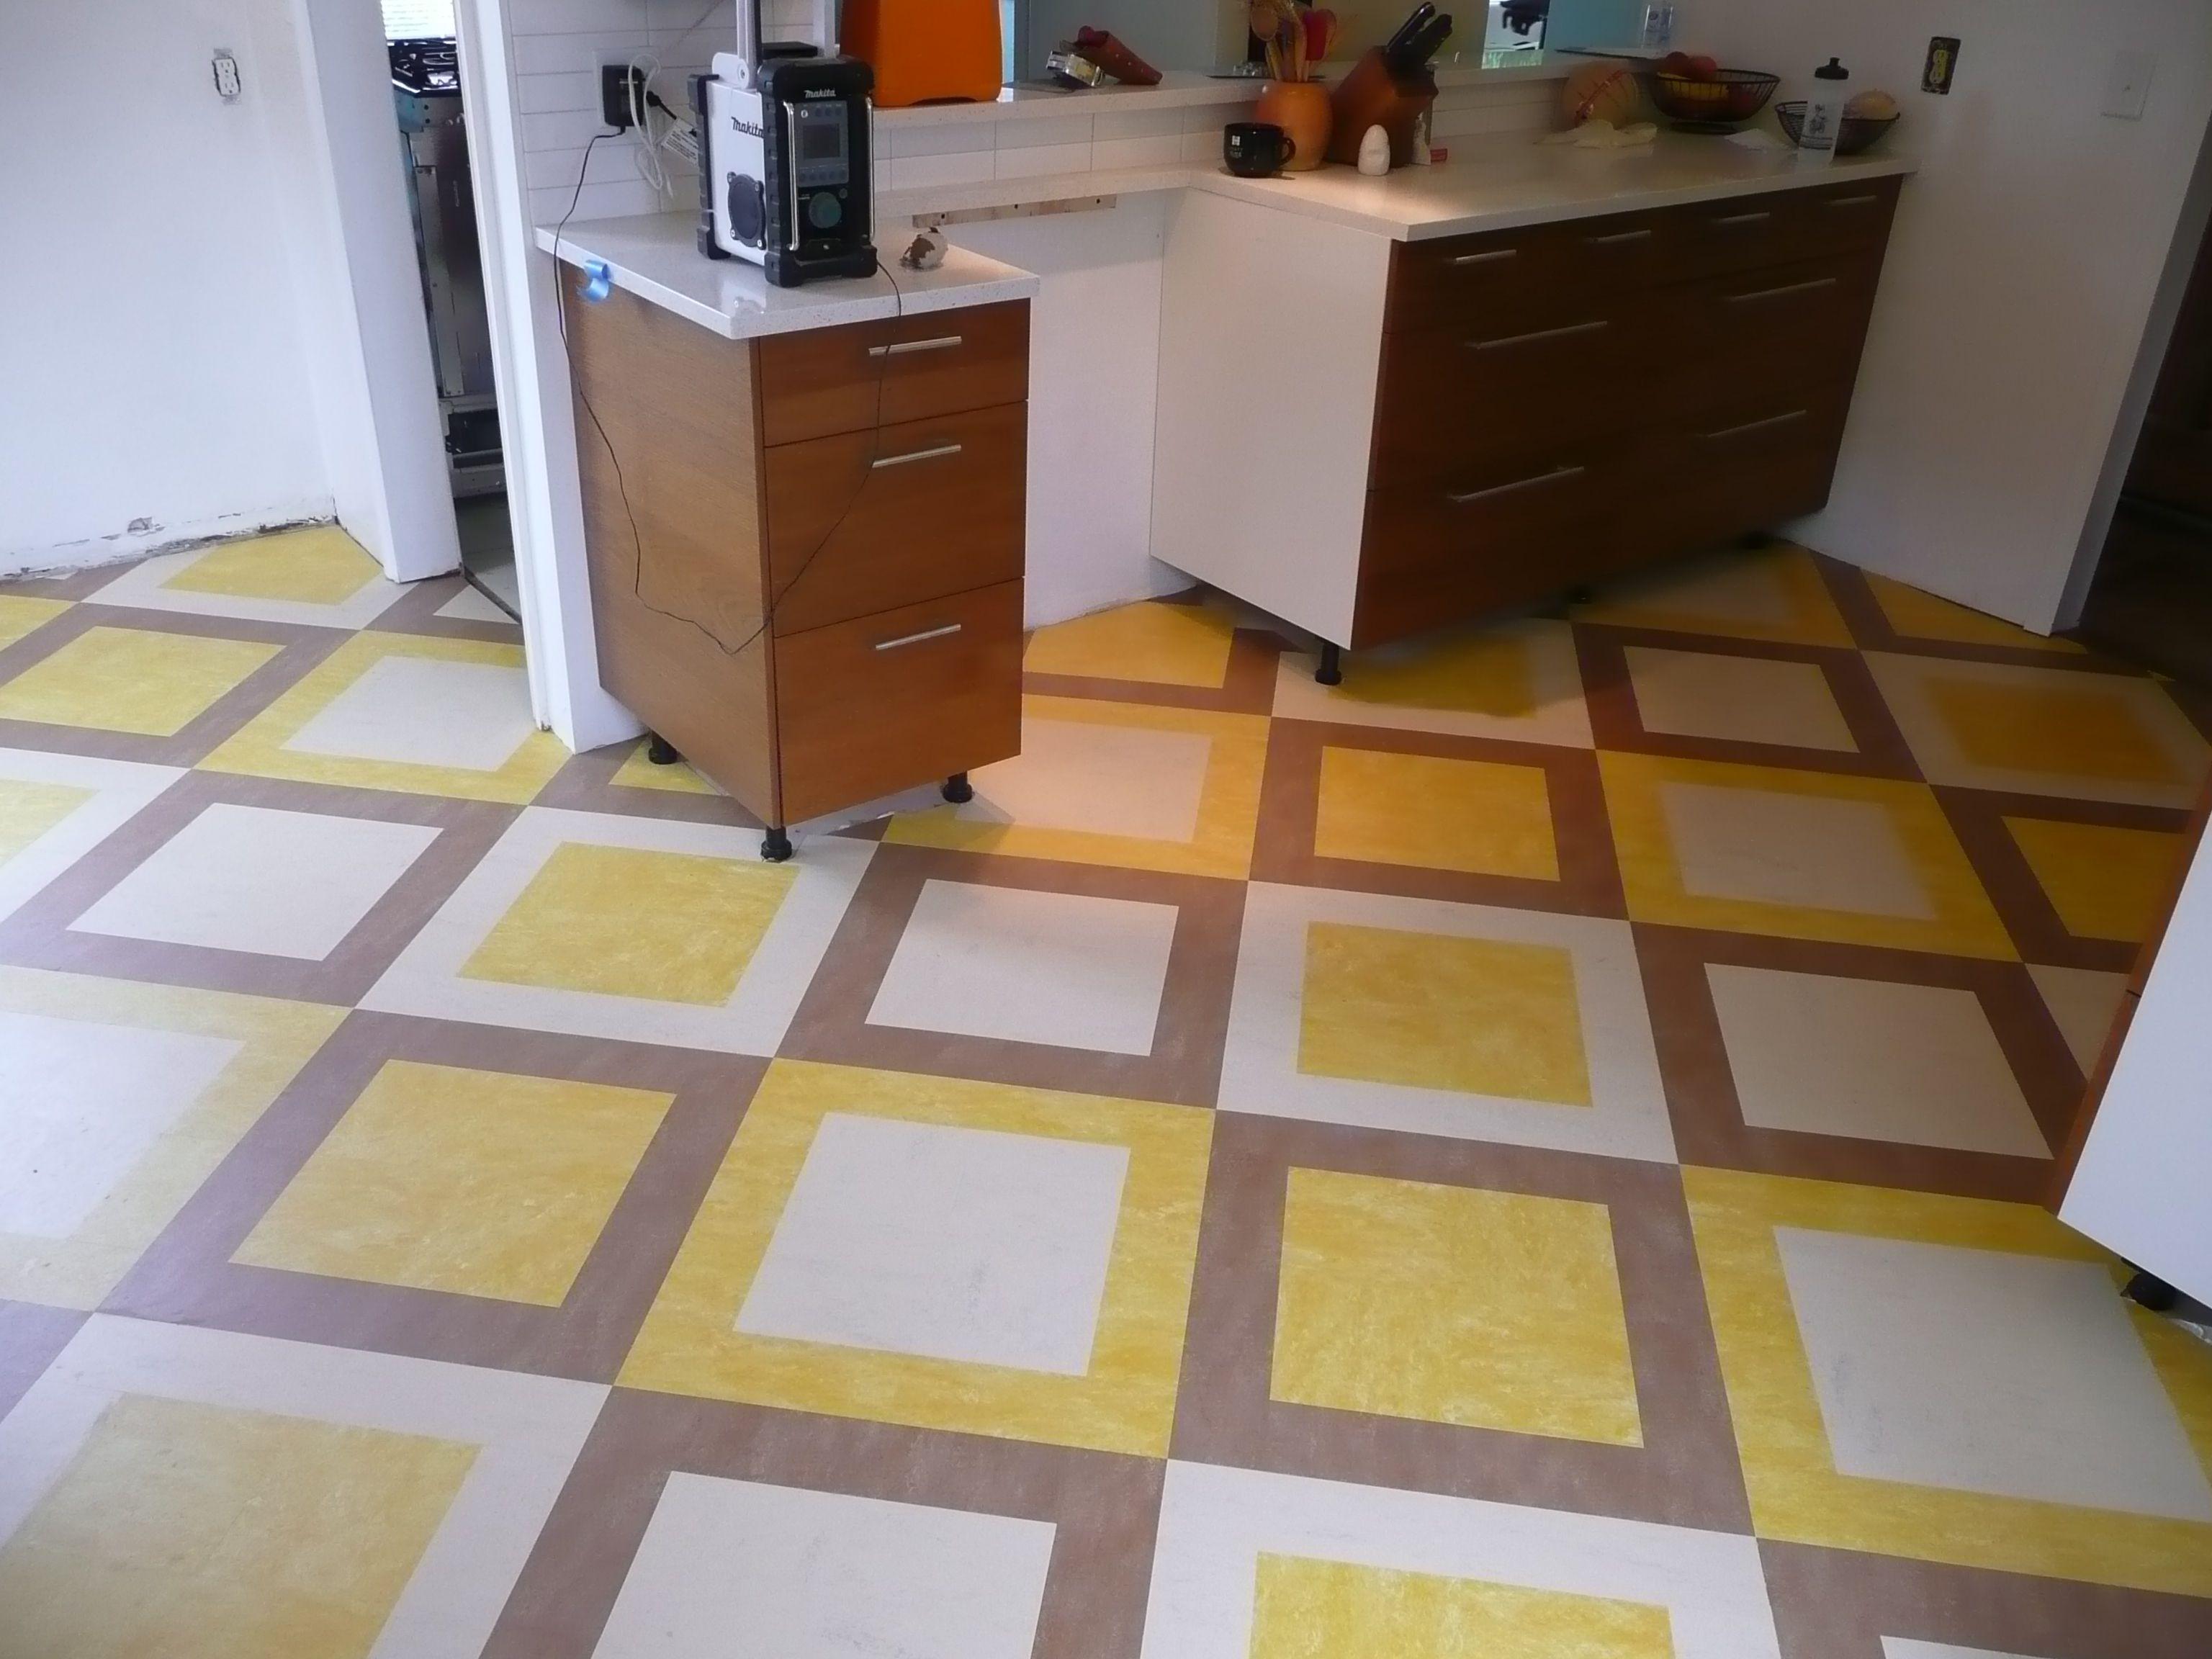 Checkerboard Kitchen Floor Design Ideas - newlibrarygood.com